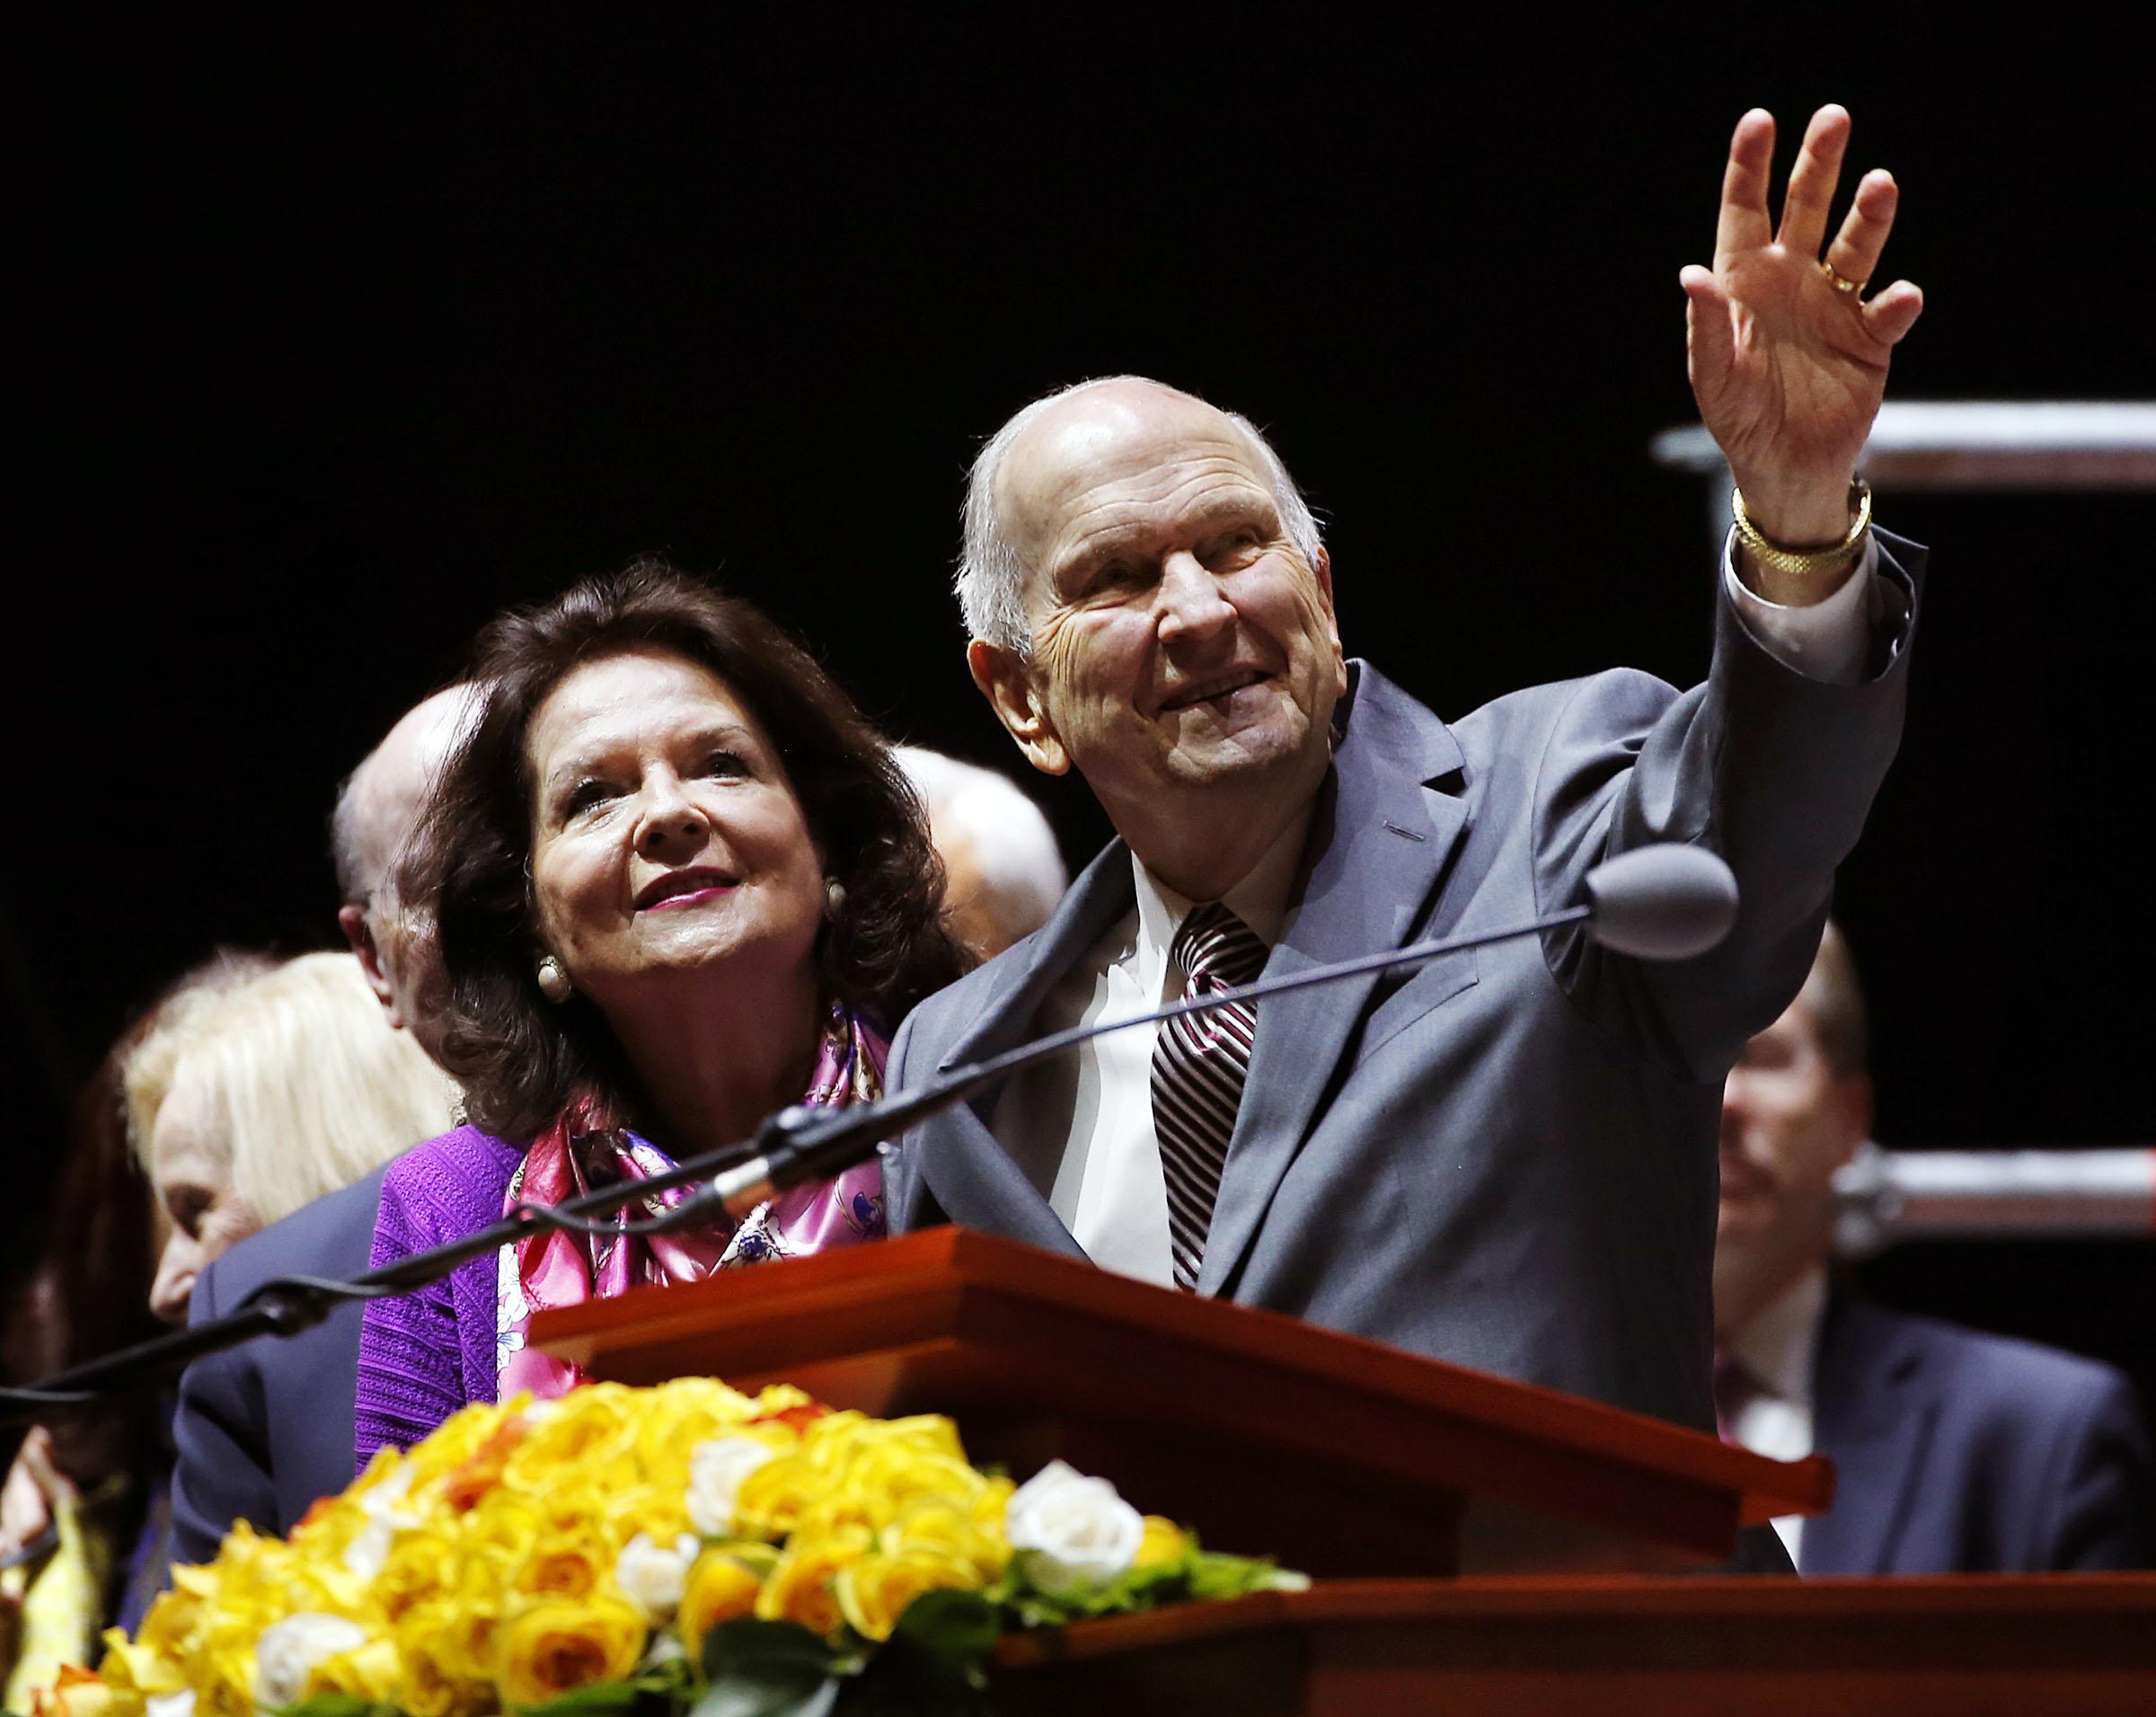 El presidente Russell M. Nelson, de La Iglesia de Jesucristo de los Santos de los Últimos Días, y su esposa, la hermana Wendy Nelson, se despiden al concluir el devocional de la gira ministerial latinoamericana en Bogotá, Colombia, el domingo 25 de agosto de 2019.